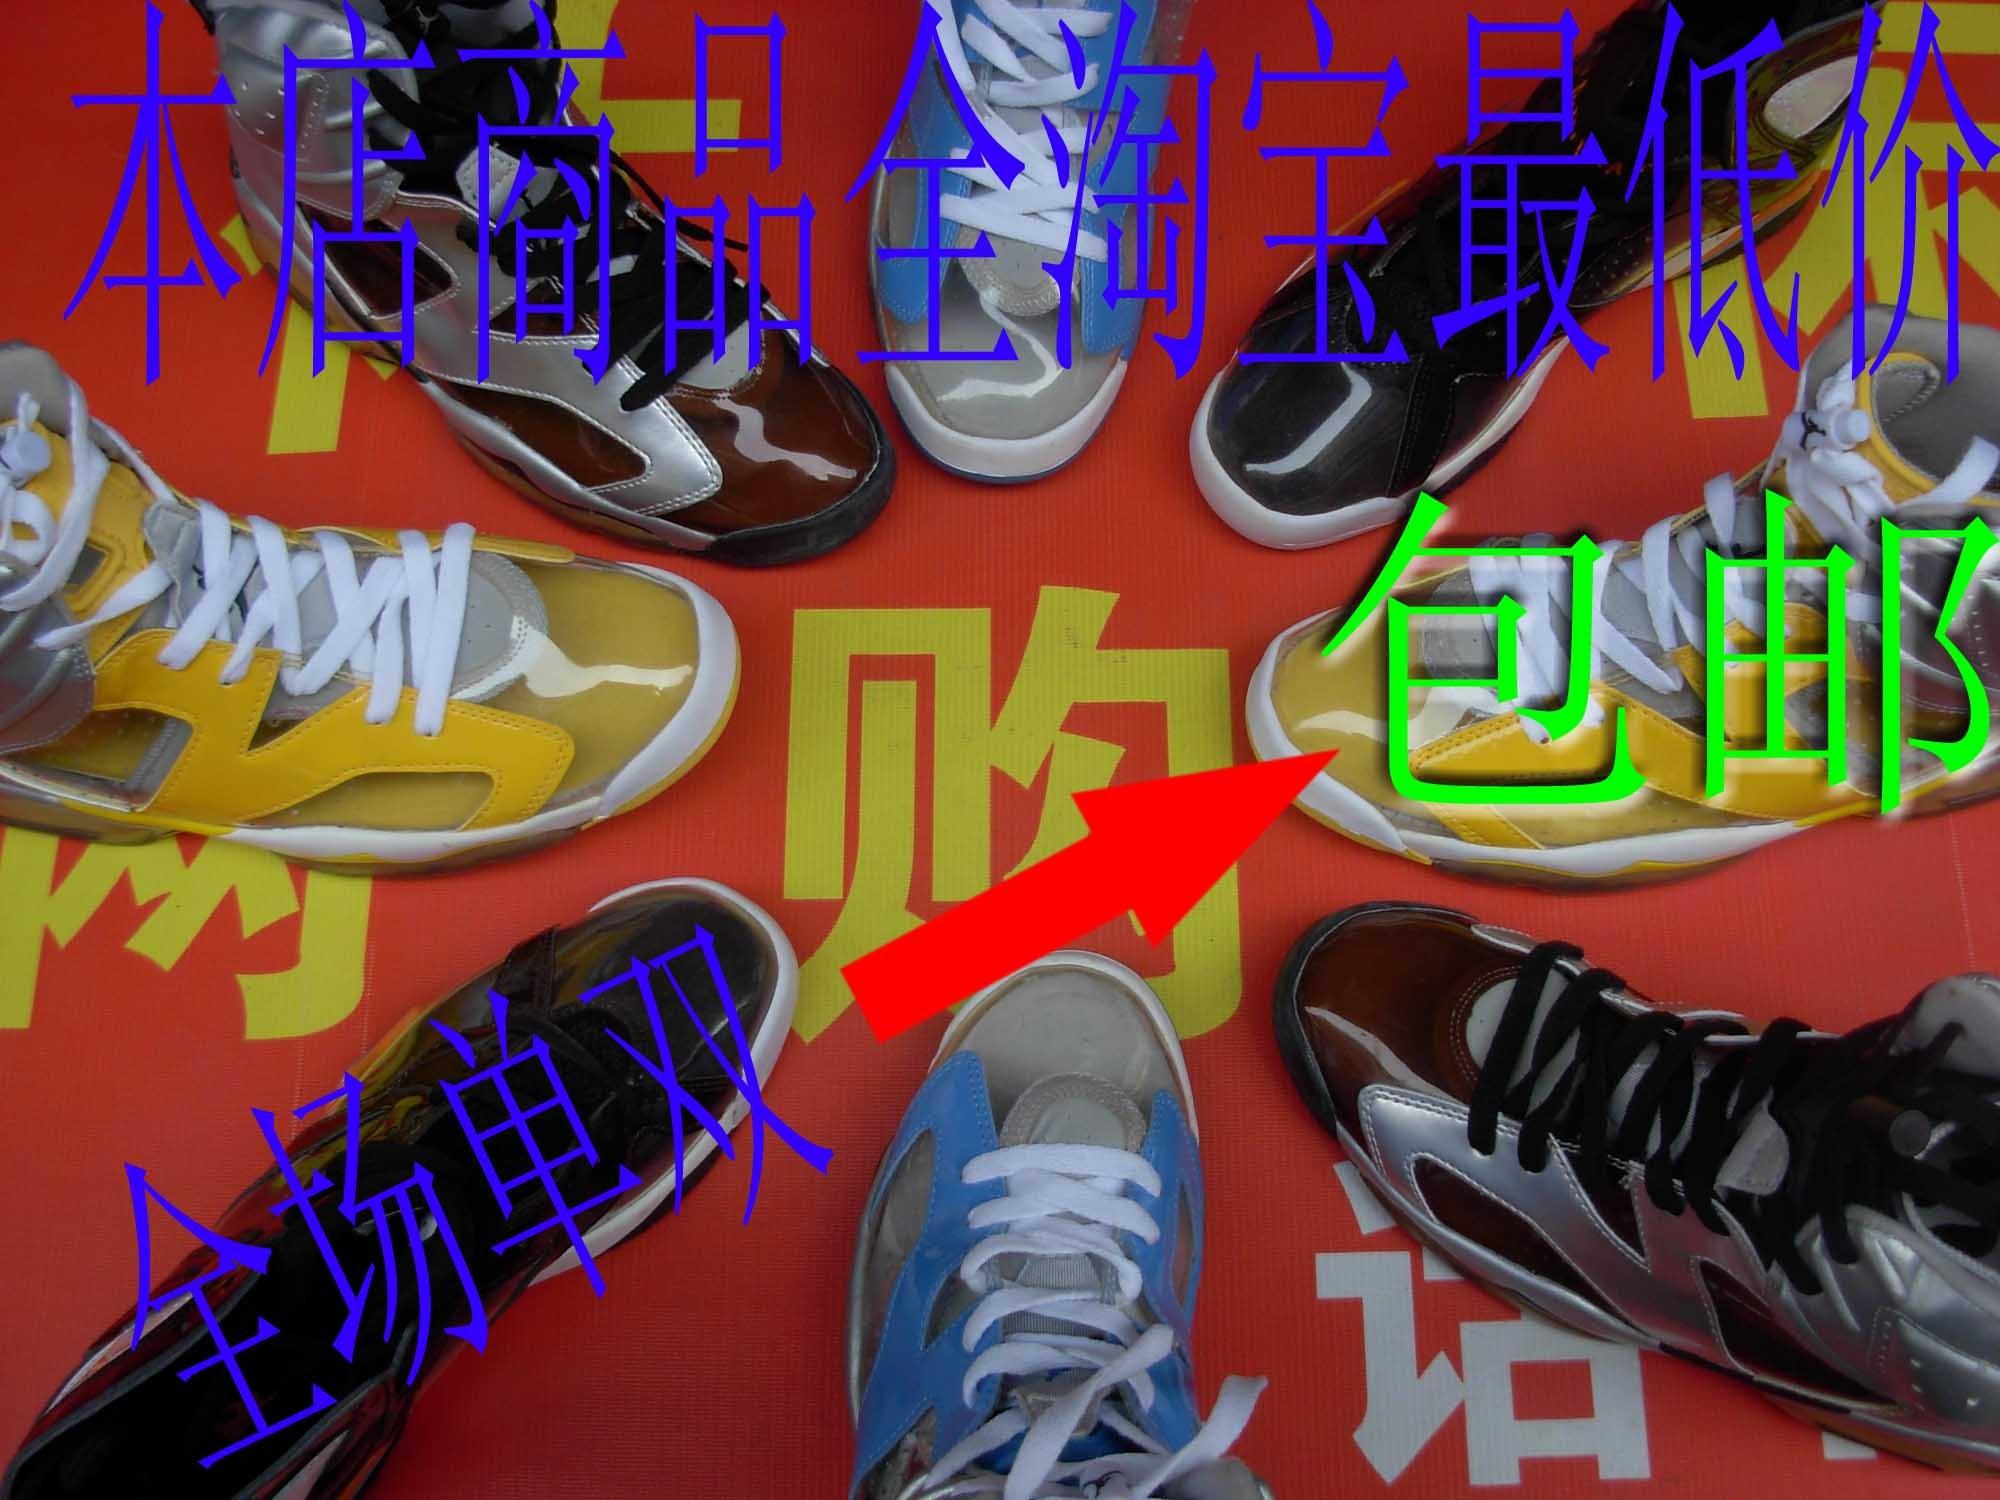 баскетбольные кроссовки Jordan 000608 Осень 2012 Для мужчин Другой материал